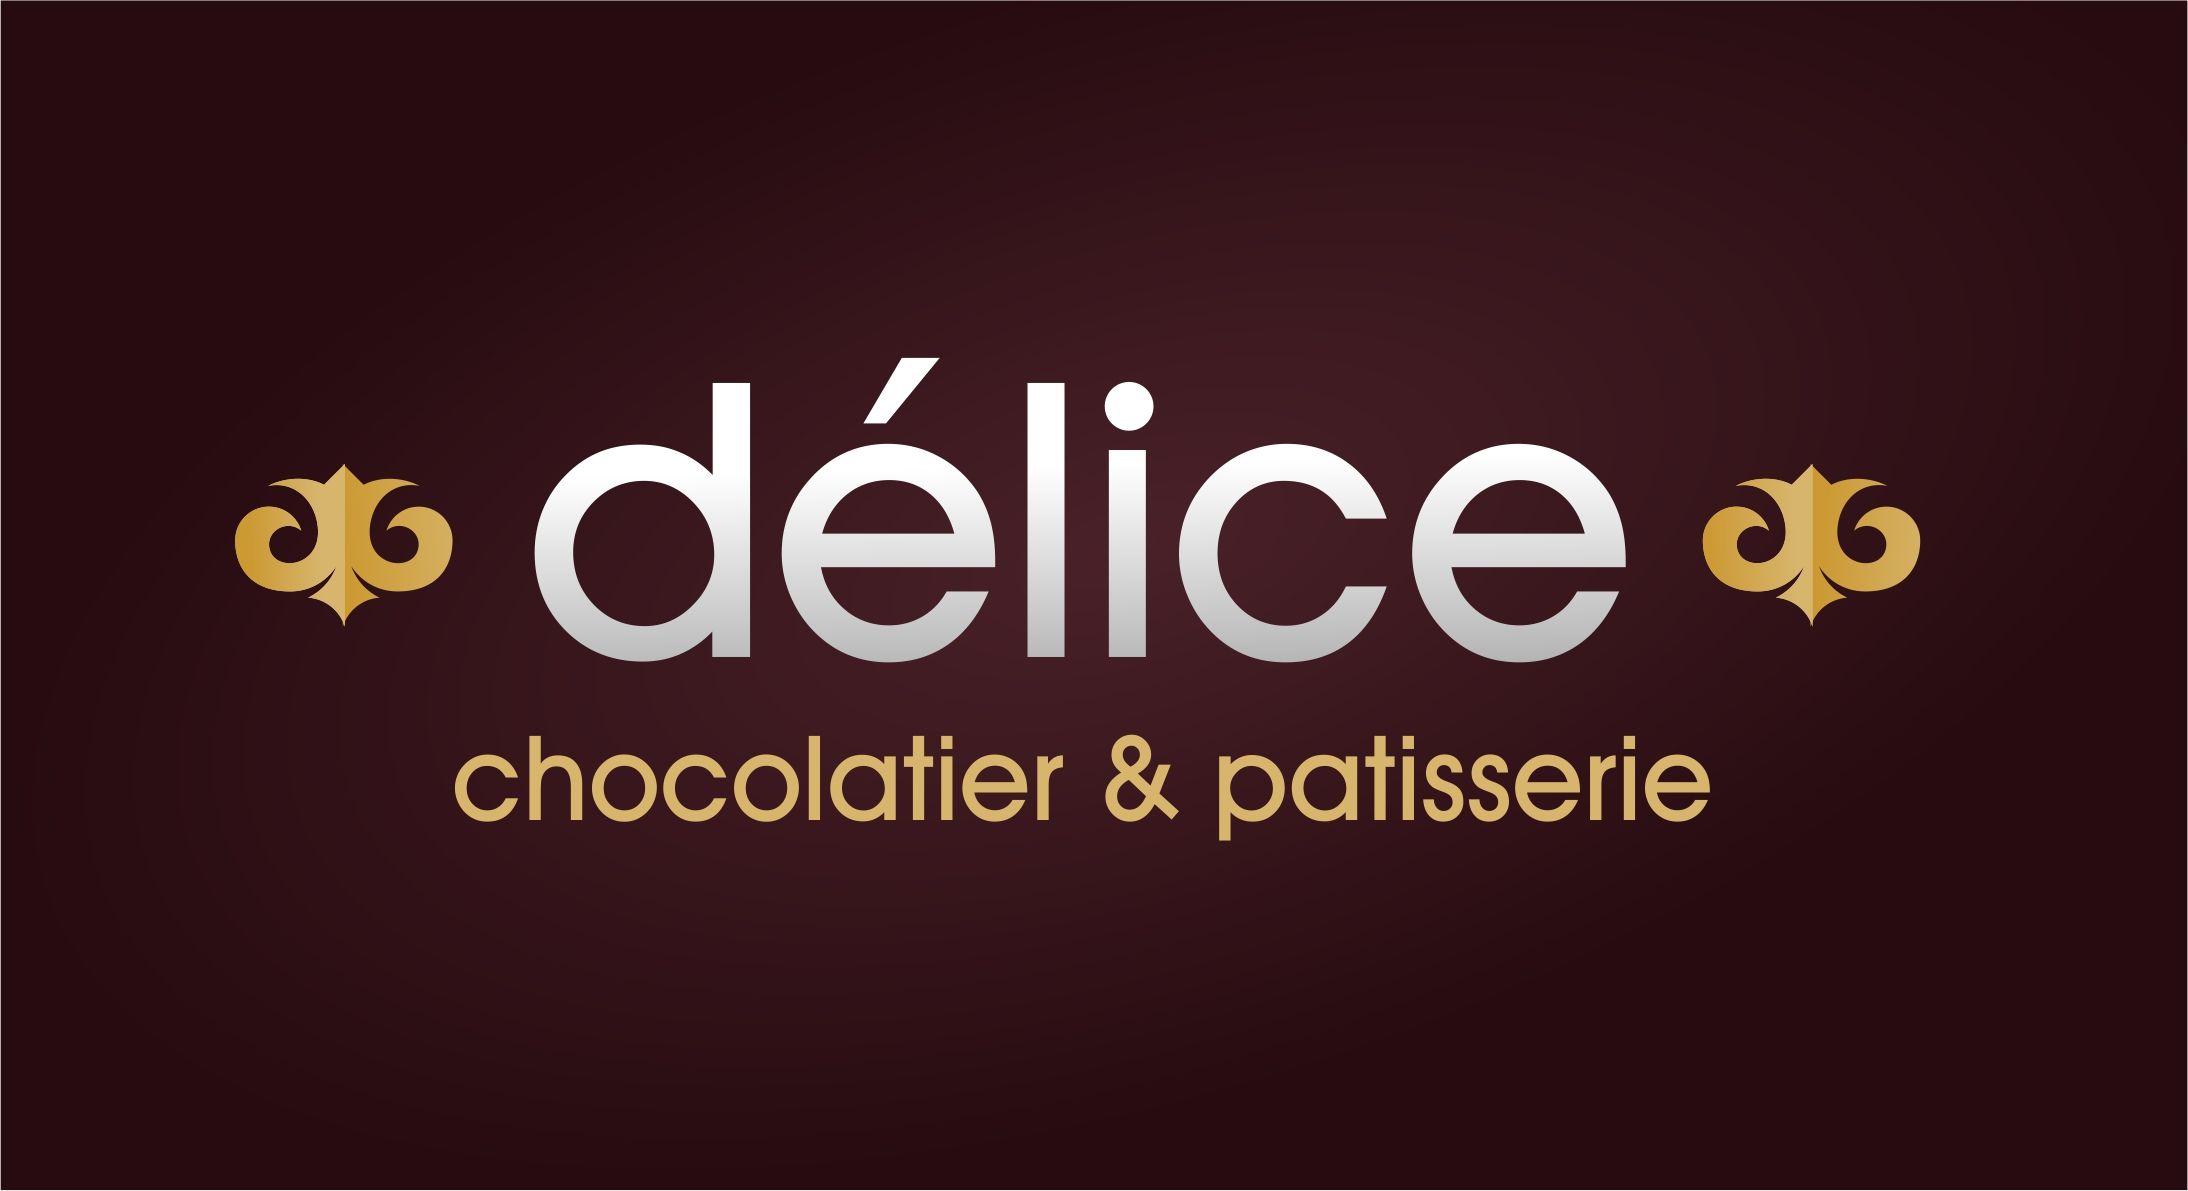 Delice bakery san antonio chocolatier patisserie bakery